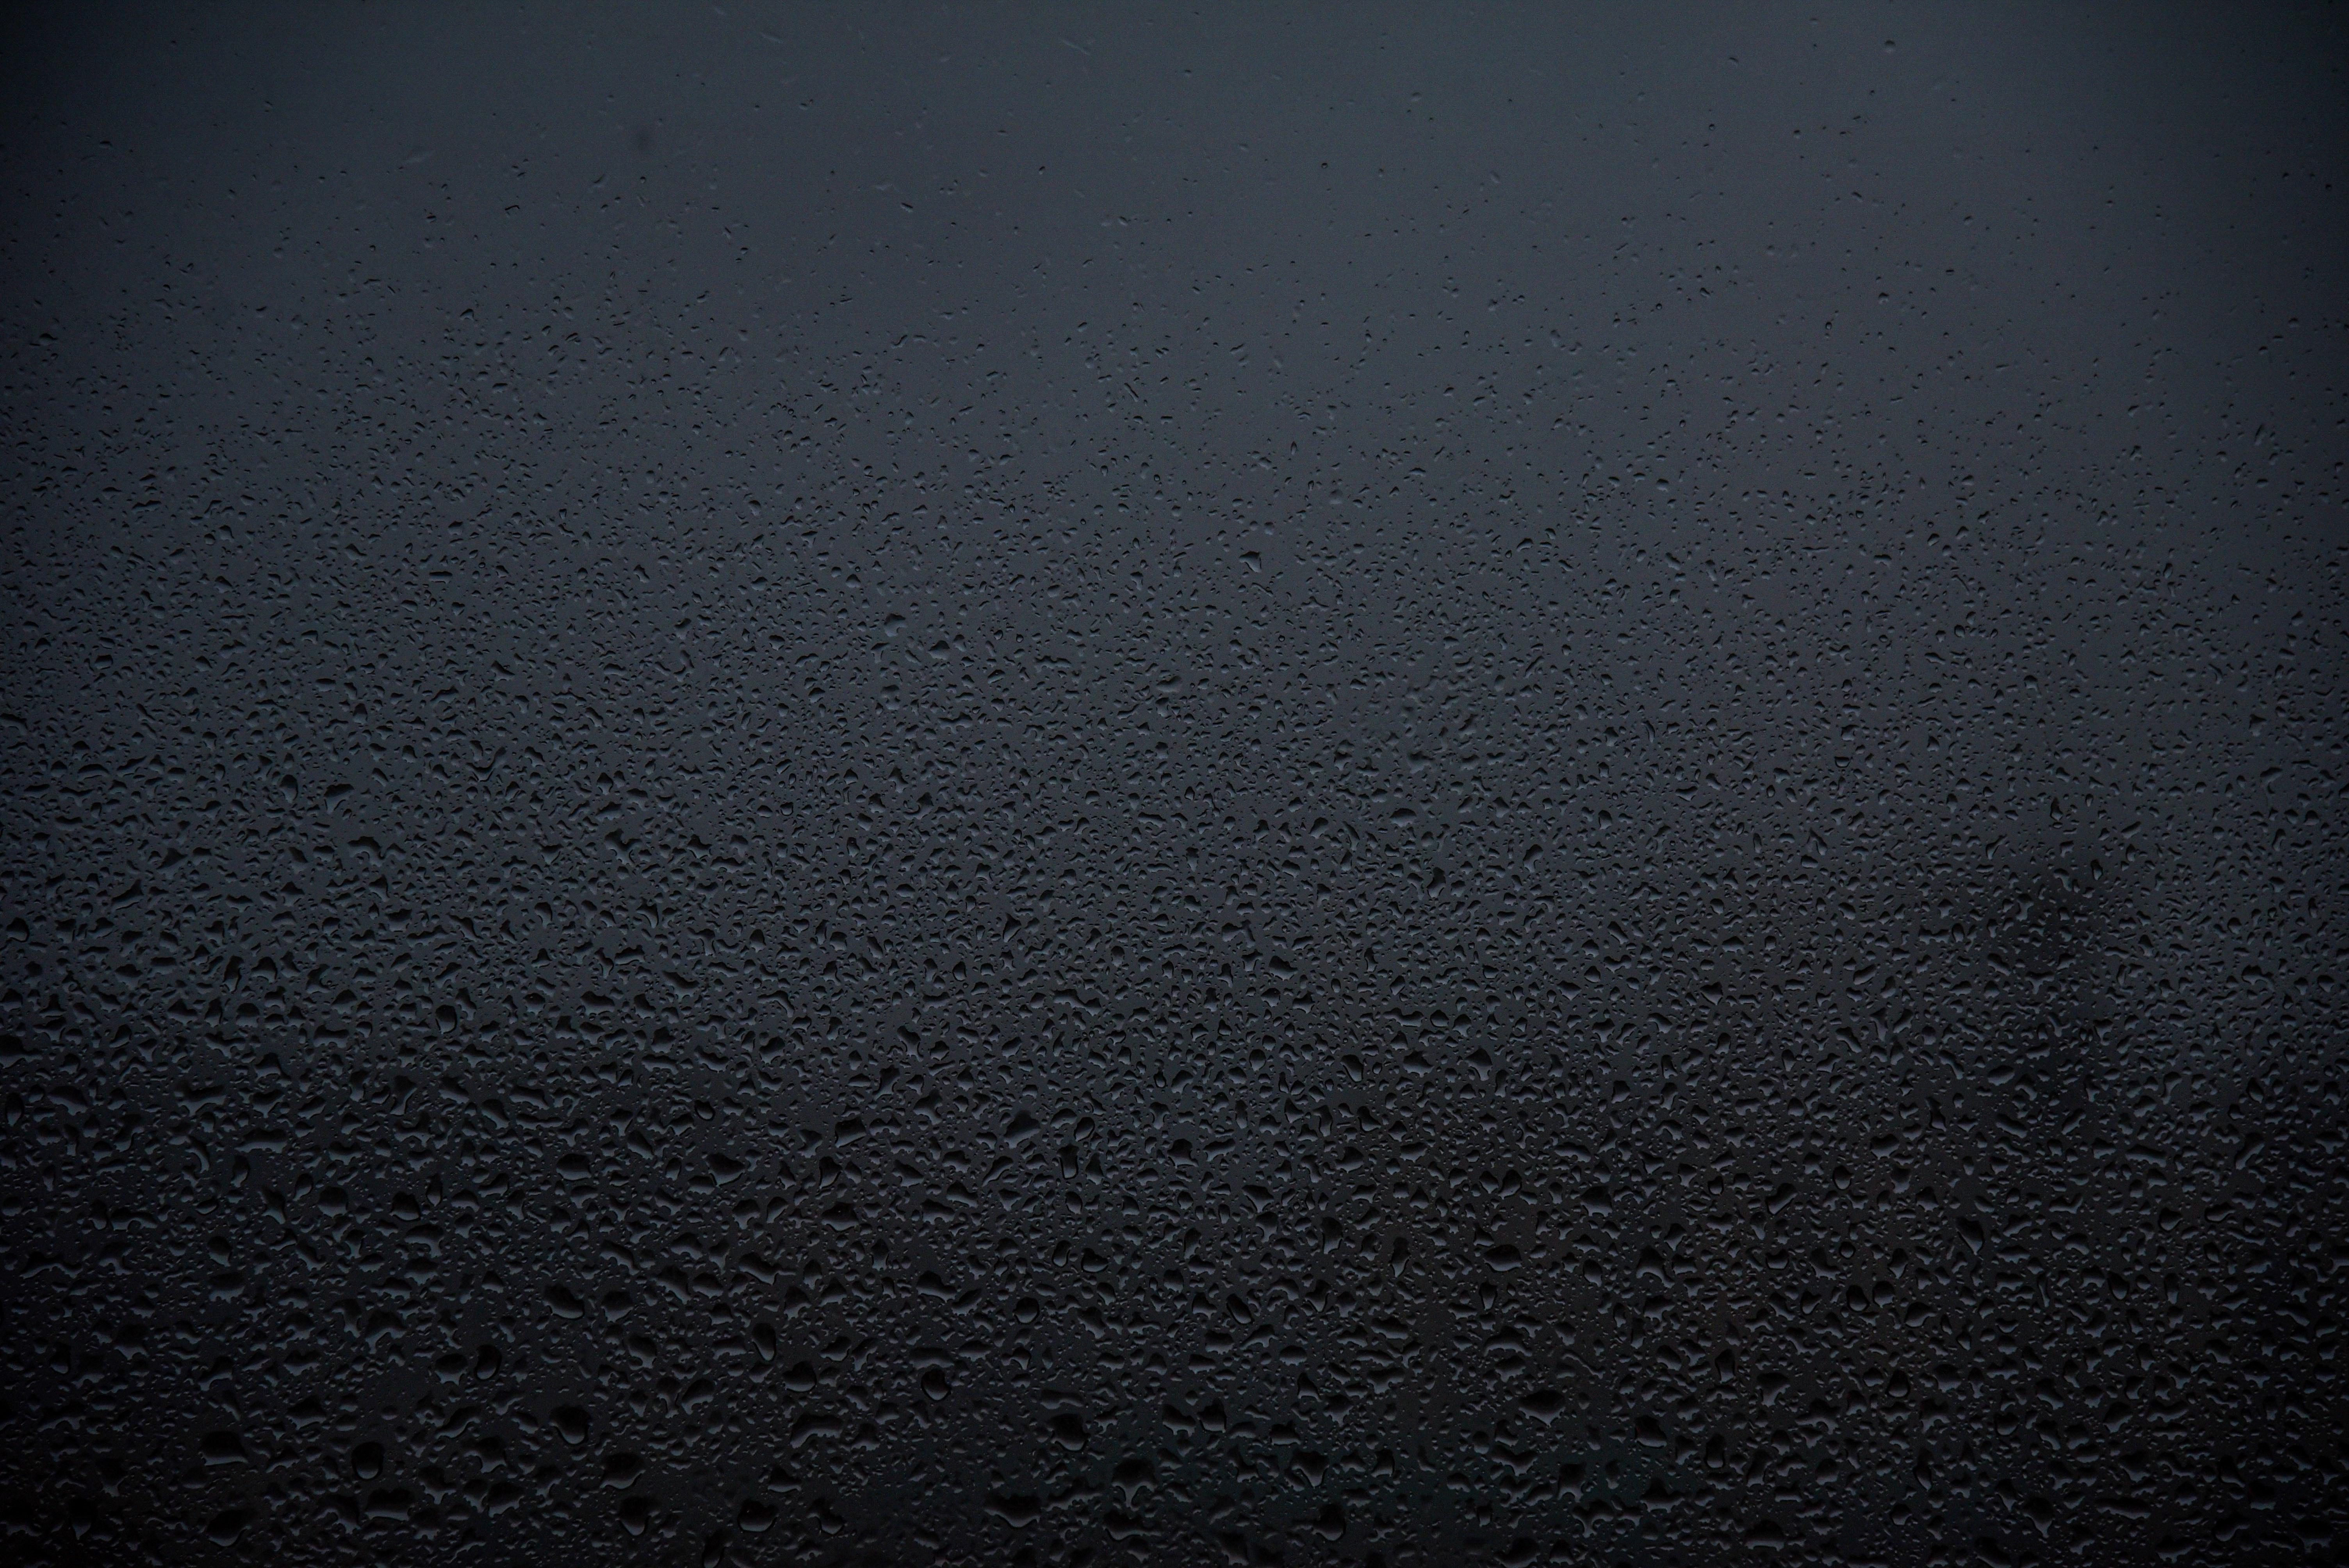 52378 Заставки и Обои Капли на телефон. Скачать Макро, Стекло, Капли, Дождь, Мокрый картинки бесплатно